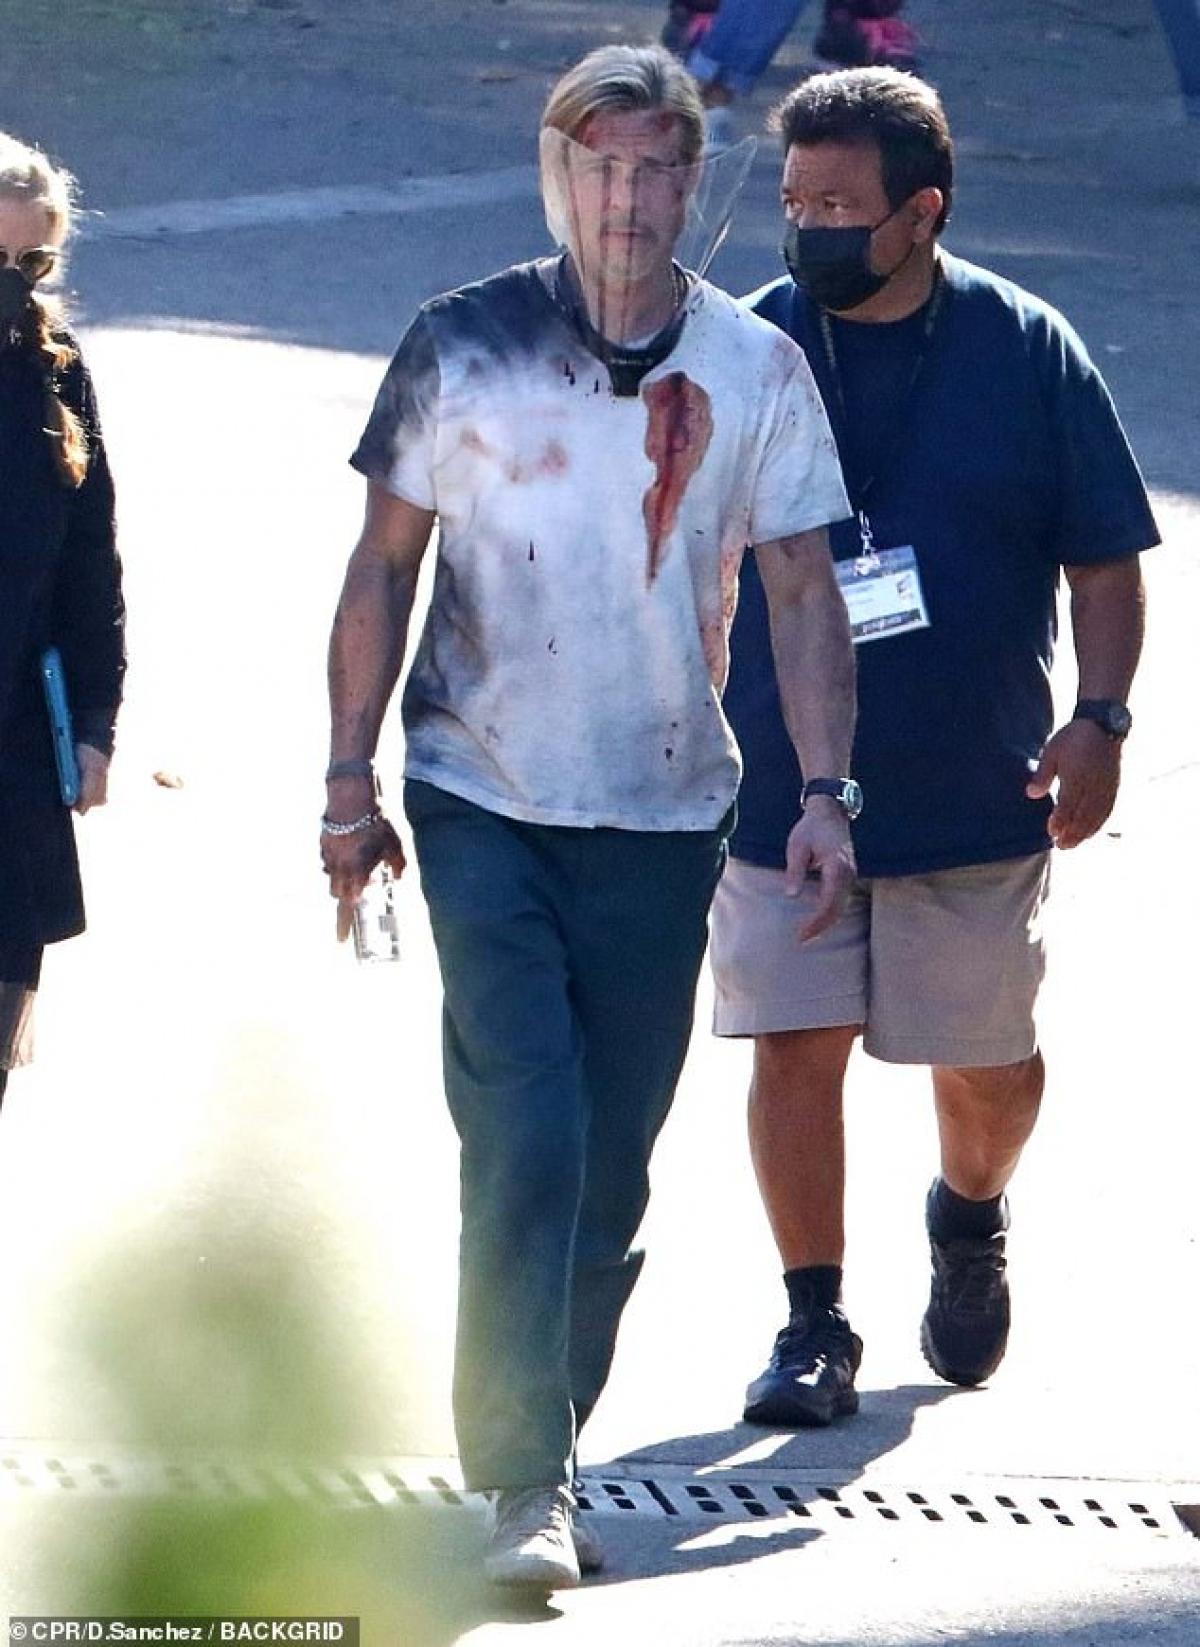 """Mới đây, Brad Pitt xuất hiện với những vết bầm tím, trang phục tả tơi đầy máu tại phim trường. Rất may đây chỉ là sản phẩm của chuyên gia hóa trang, nhằm phục vụ cho cảnh quay một vụ va chạm trong phim """"Bullet Train""""."""